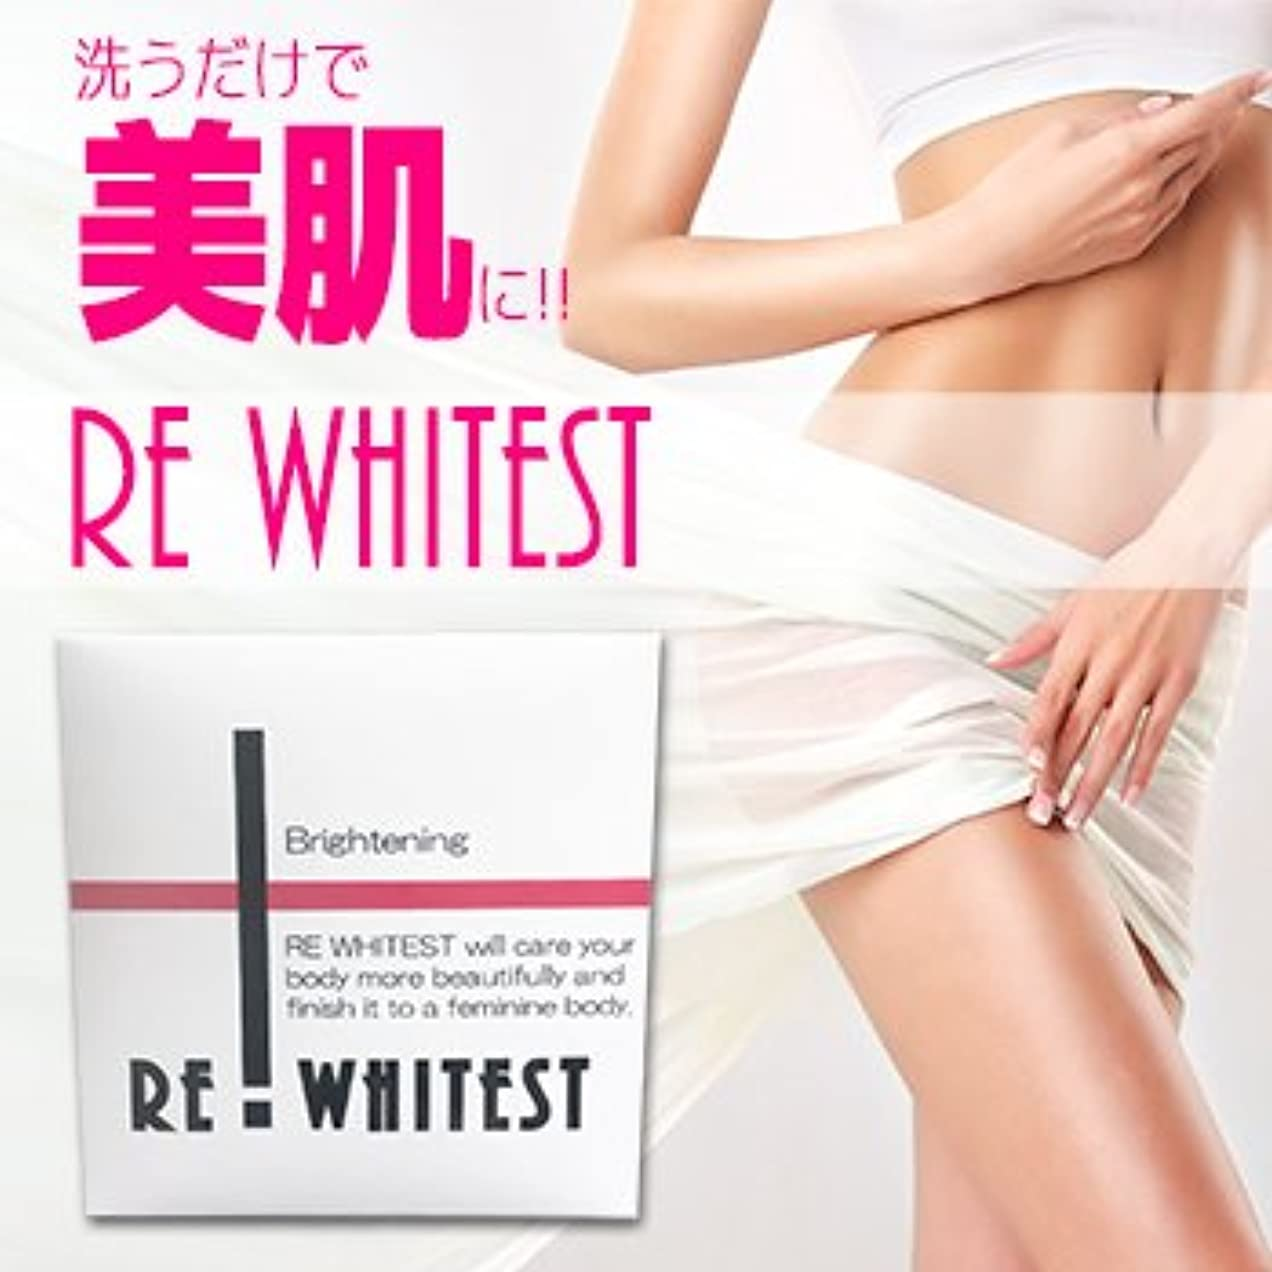 後方暗唱する代替案パパイン+イソフラボン配合女性用美肌石鹸 REWHITEST-リホワイテスト-